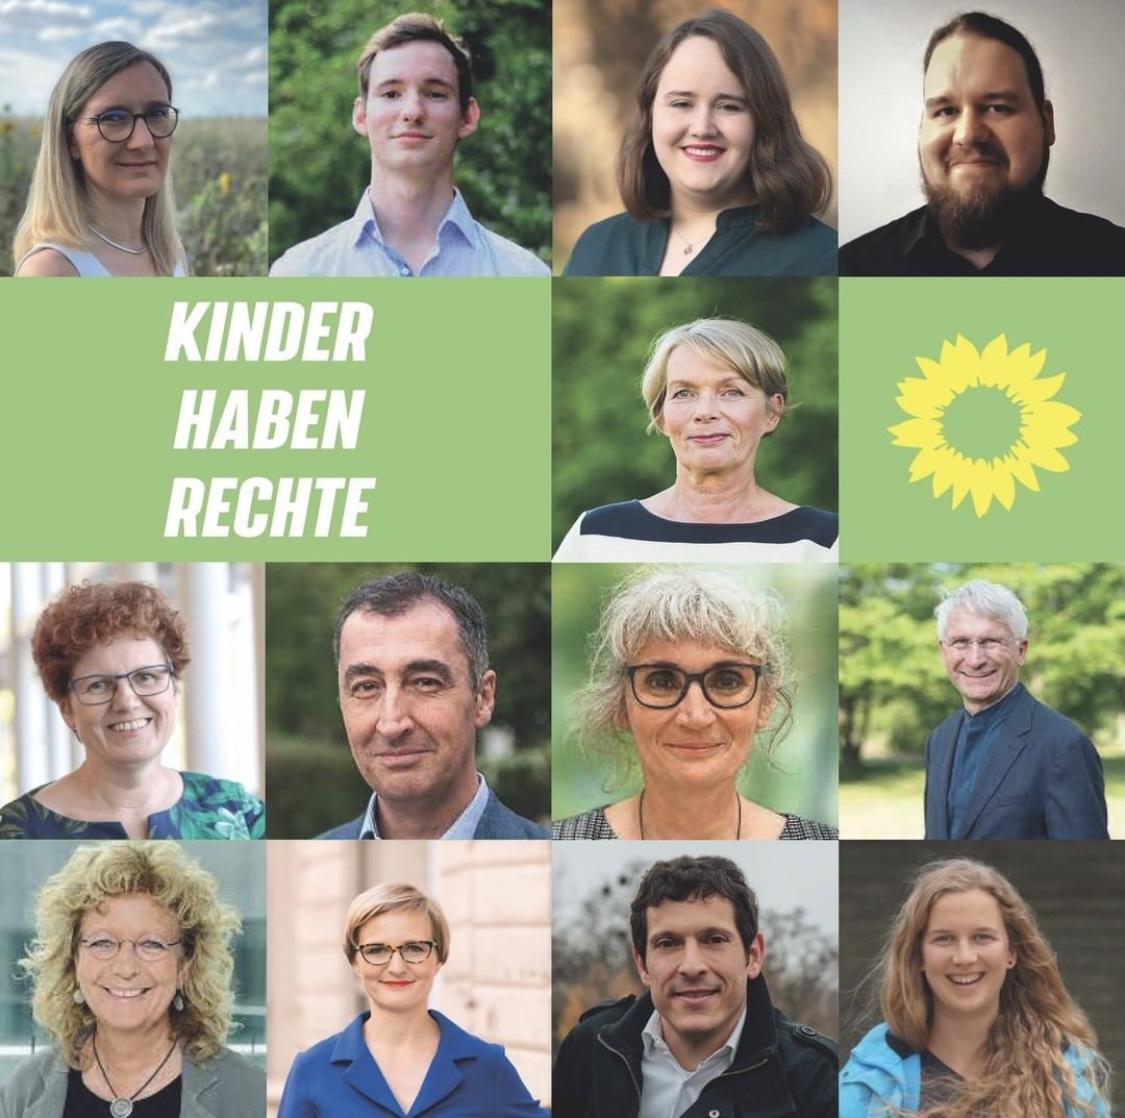 NRWZ vom 15.09.2021: Grüne fordern mehr Kinderrechte